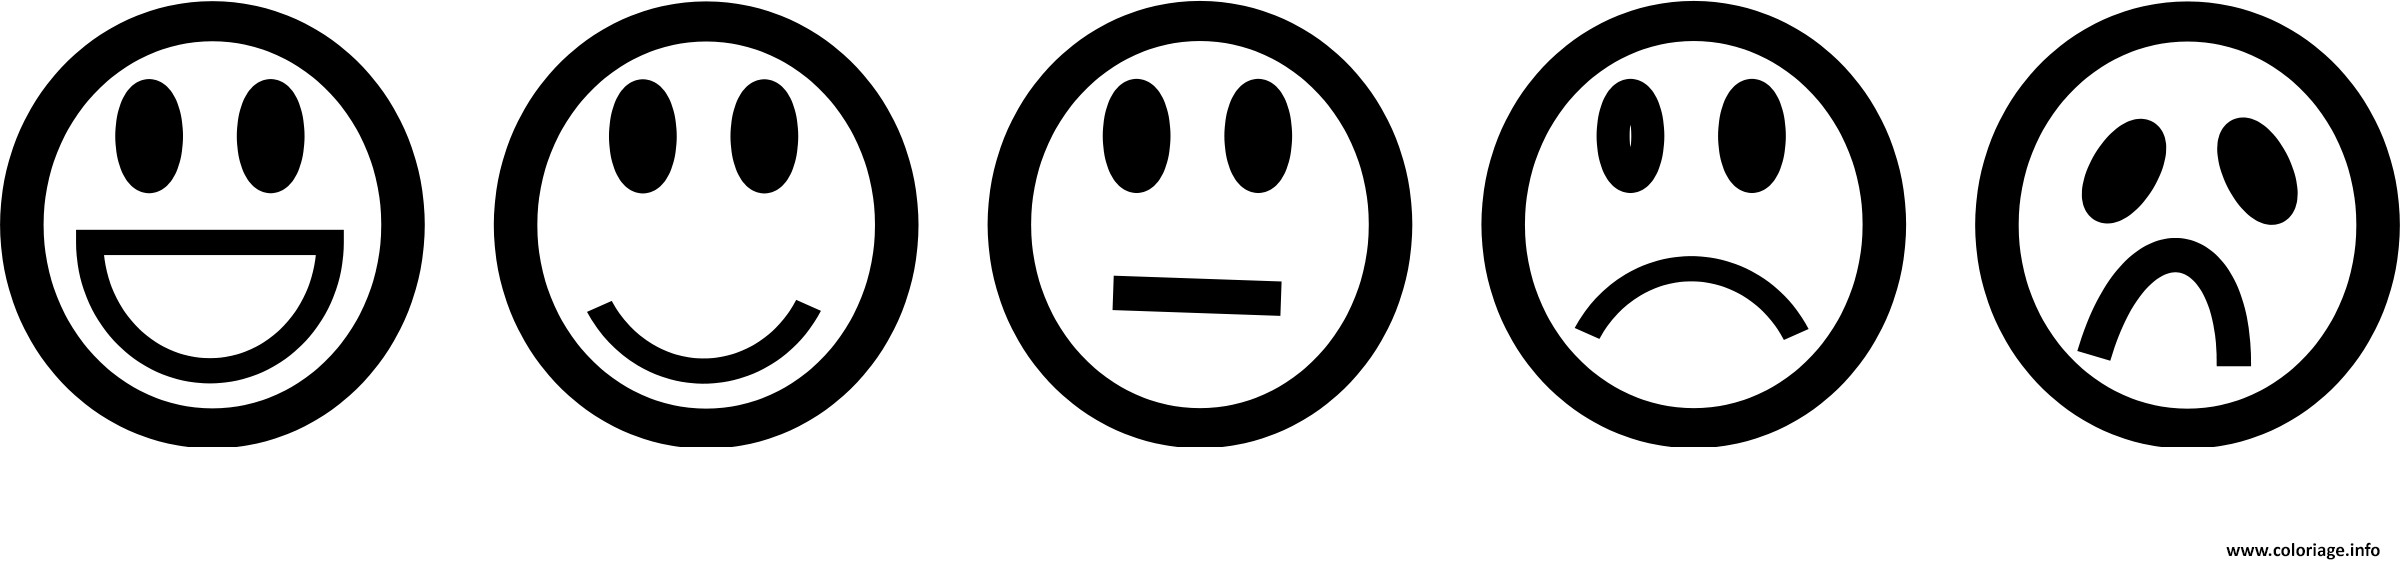 Coloriage Emoji List Sourire Triste Happy Dessin